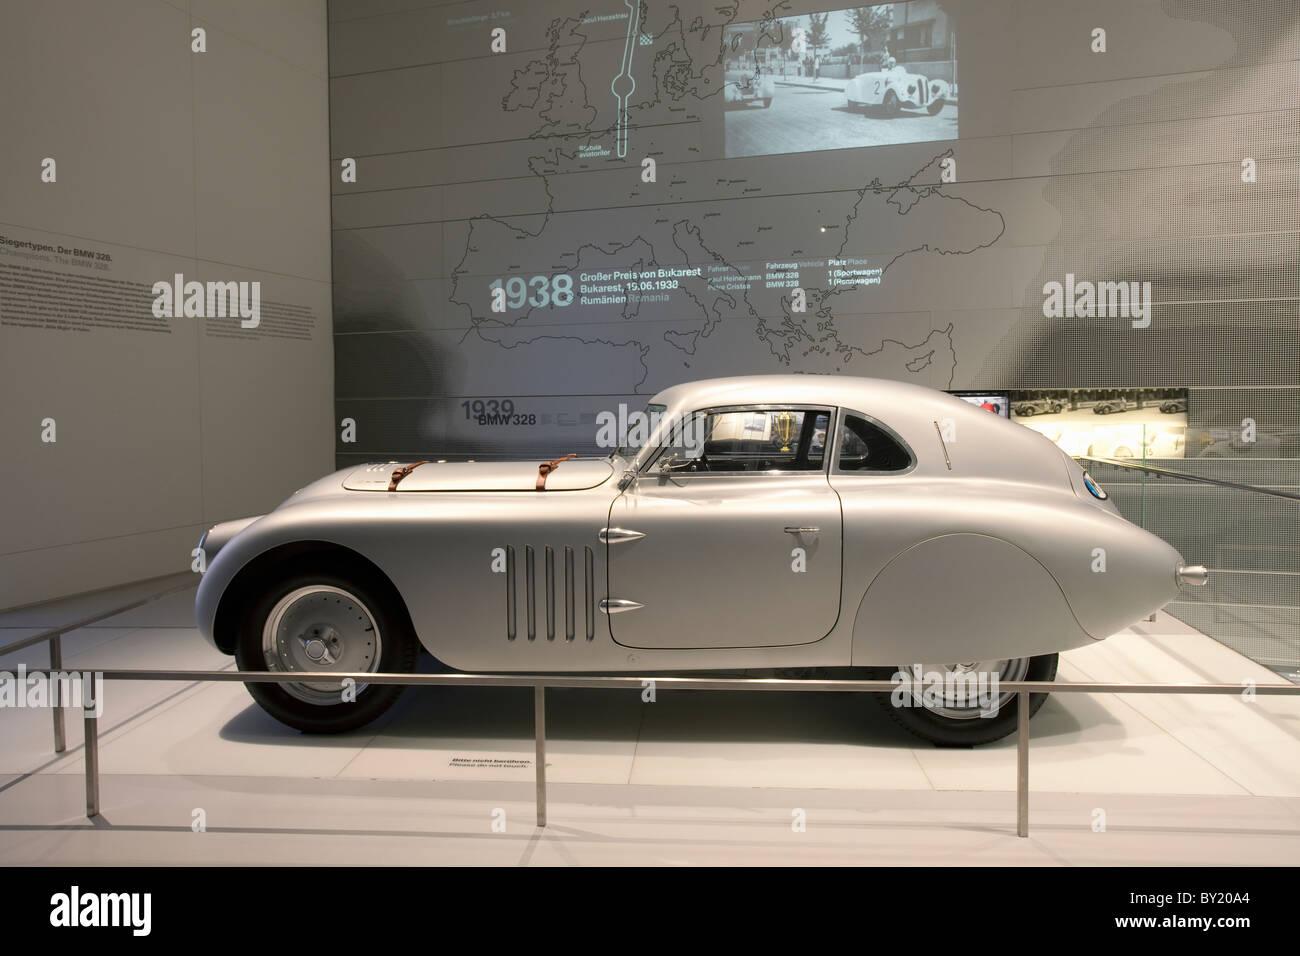 Germany,Bavaria,Munich, BMW Museum, BMW 328 Mille Miglia - Stock Image